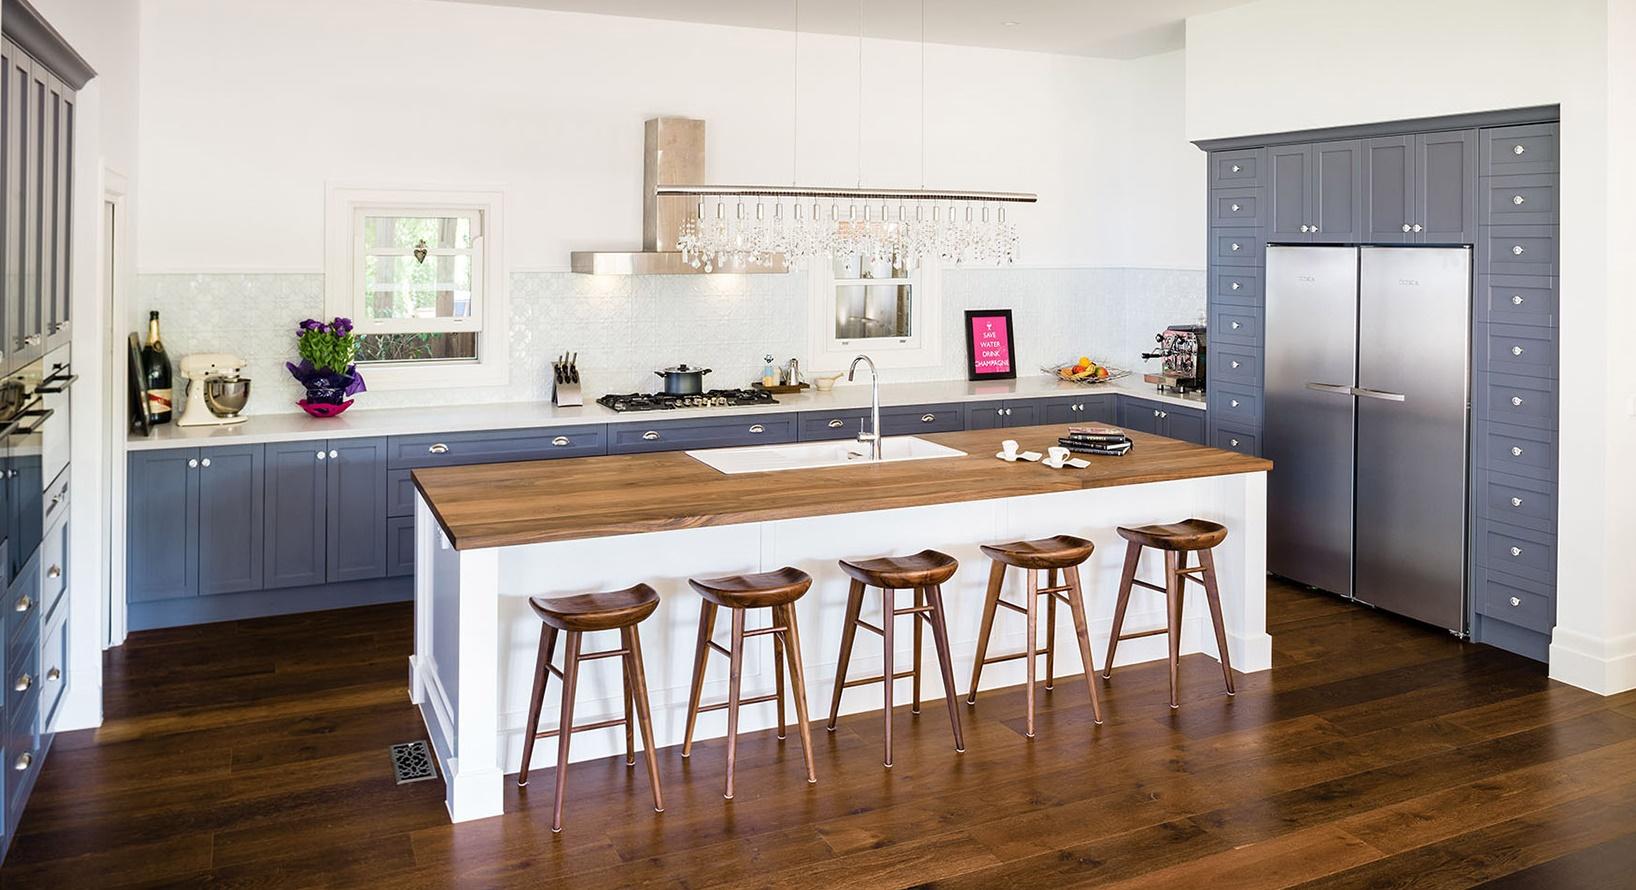 Kuchnia w stylu Hampton